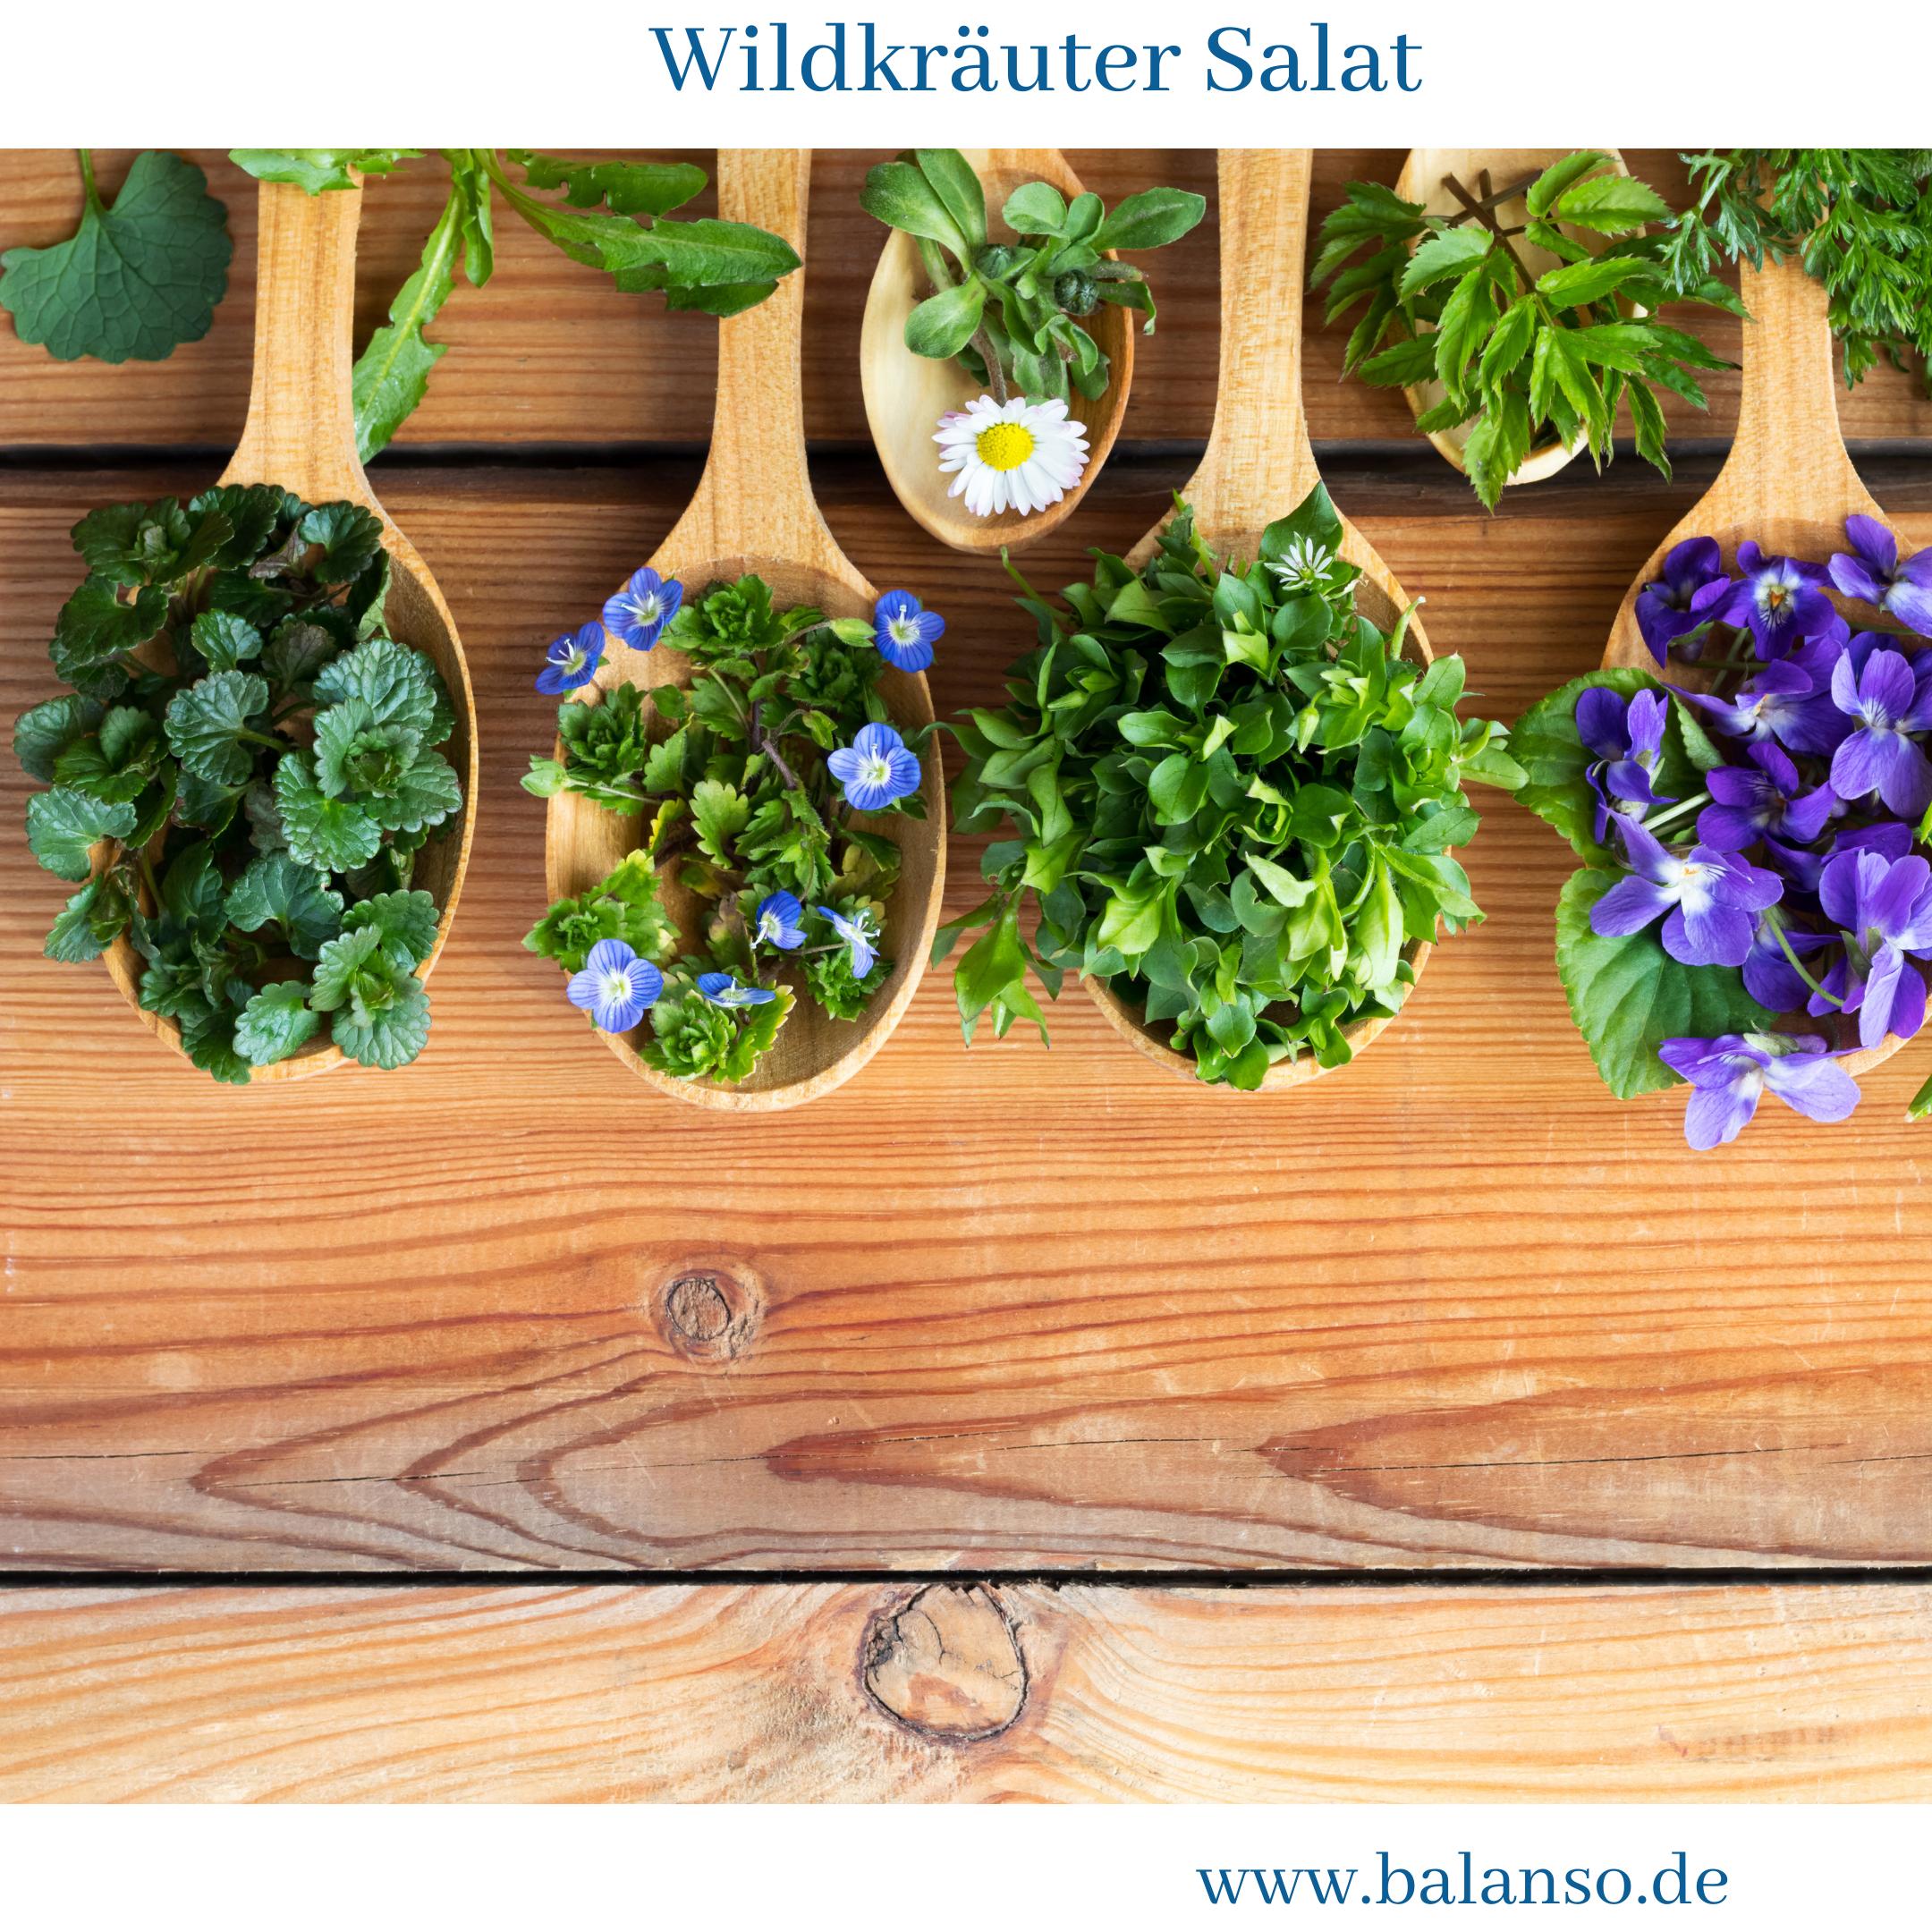 Frischer Wildkräuter Salat – Gesundheit & Farbe für dein Essen